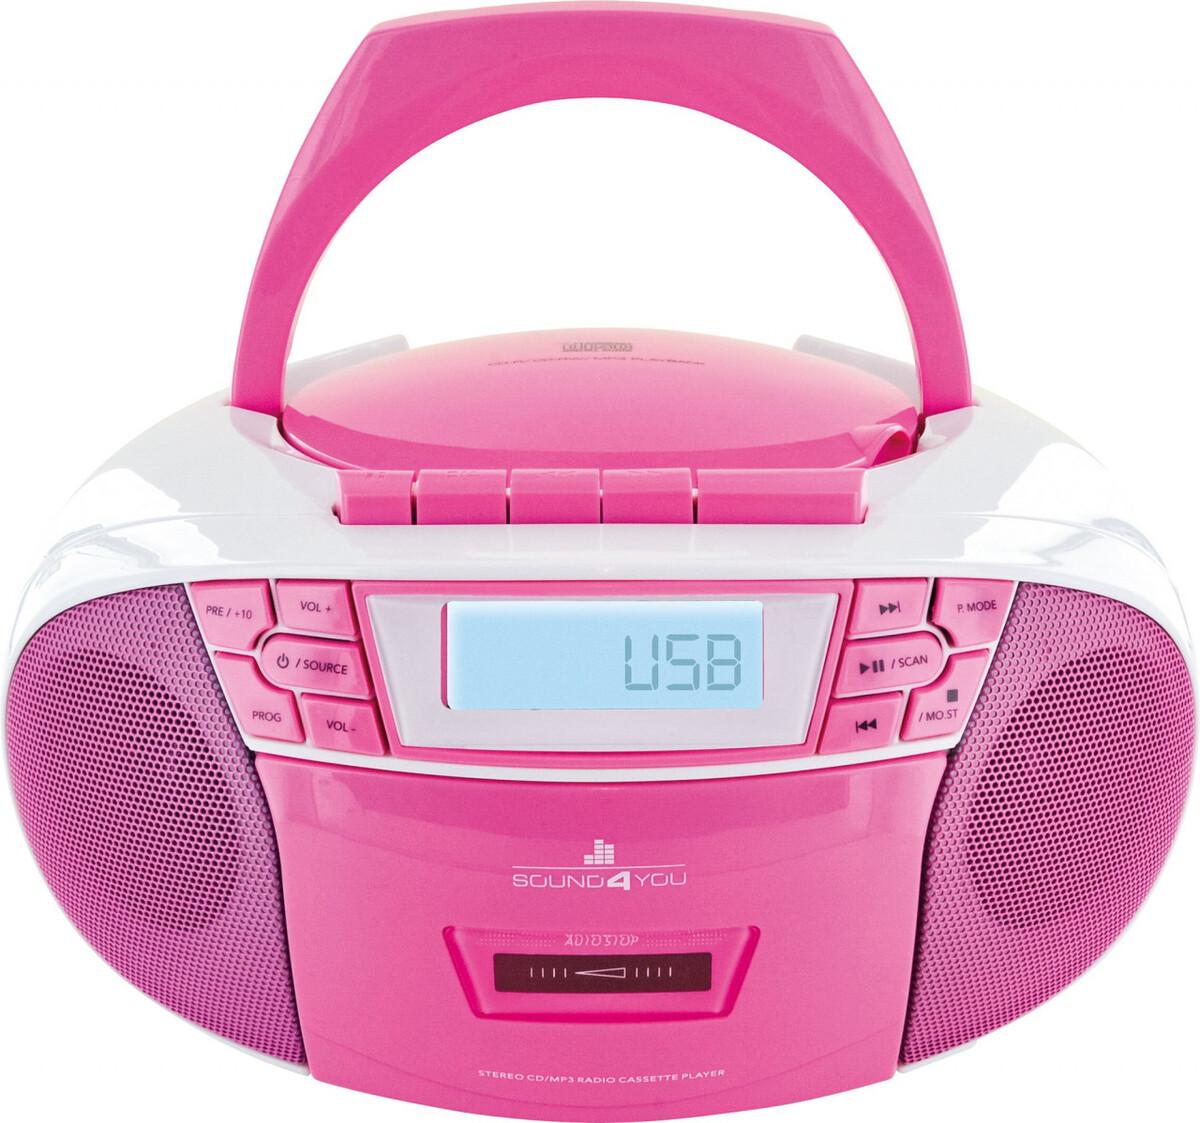 Bild 4 von Schwaiger Tragbarer CD-Player mit Kassettendeck und FM Radio, pink